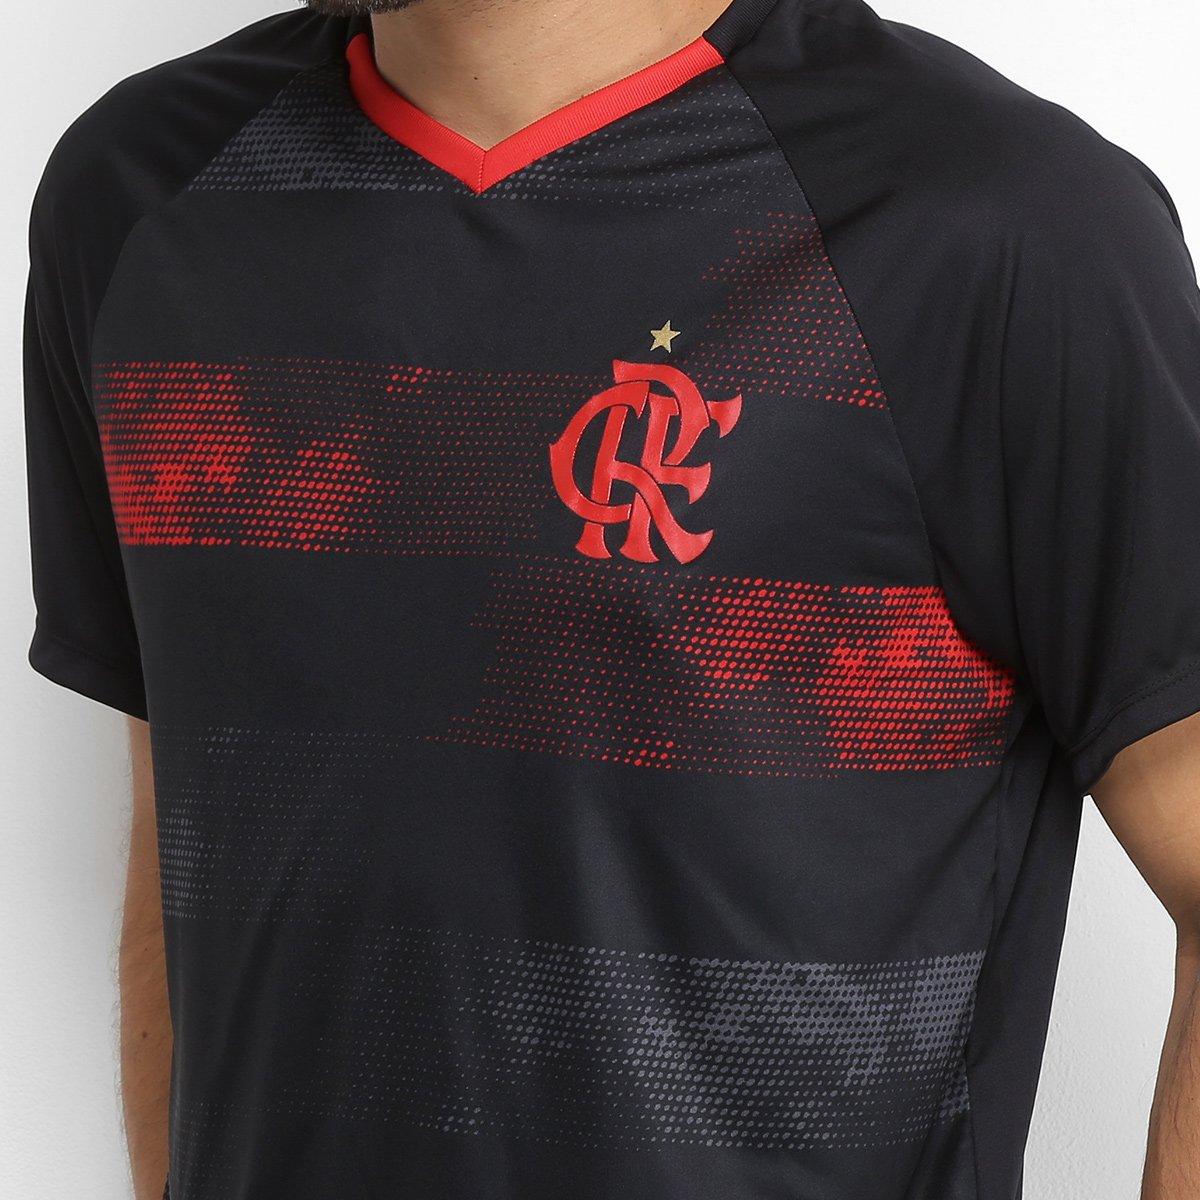 3182469b8f Camiseta Flamengo Rally Masculina - Preto e Vermelho - Compre Agora ...